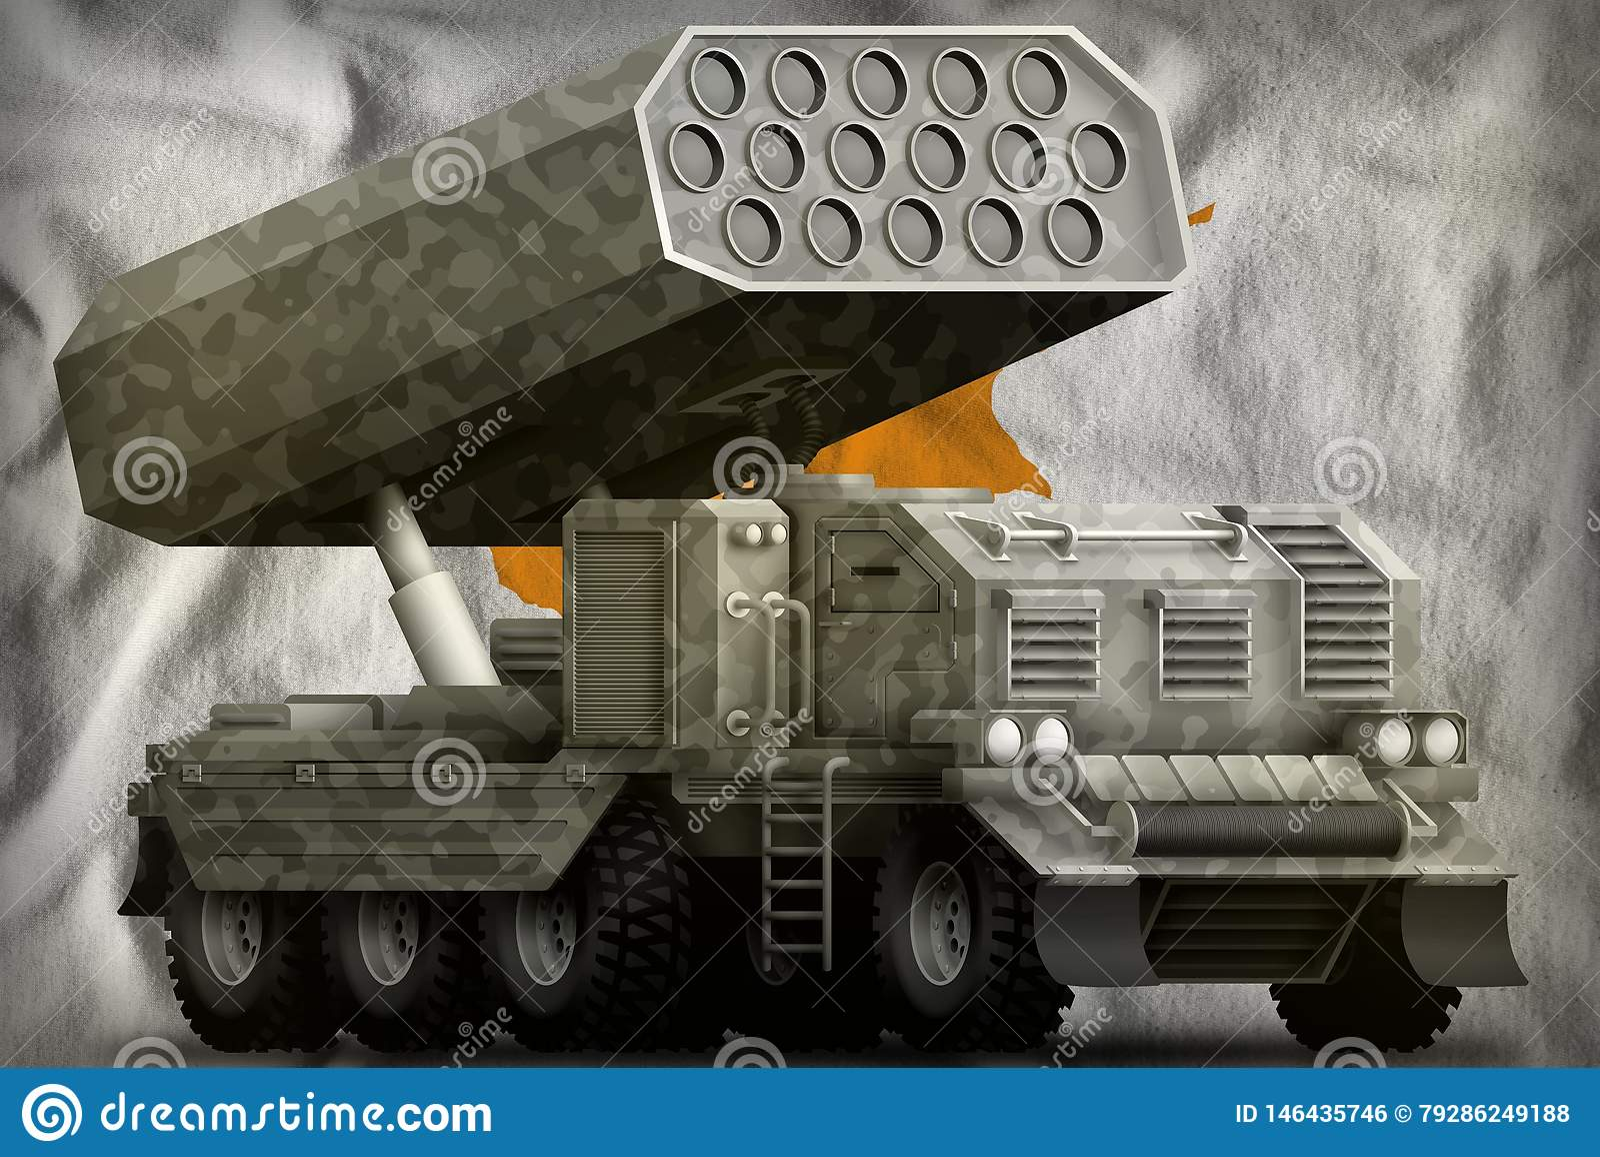 Artillerie de Rocket, lance-missiles avec le camouflage gris sur le fond de drapeau national de la Chypre illustration 3D